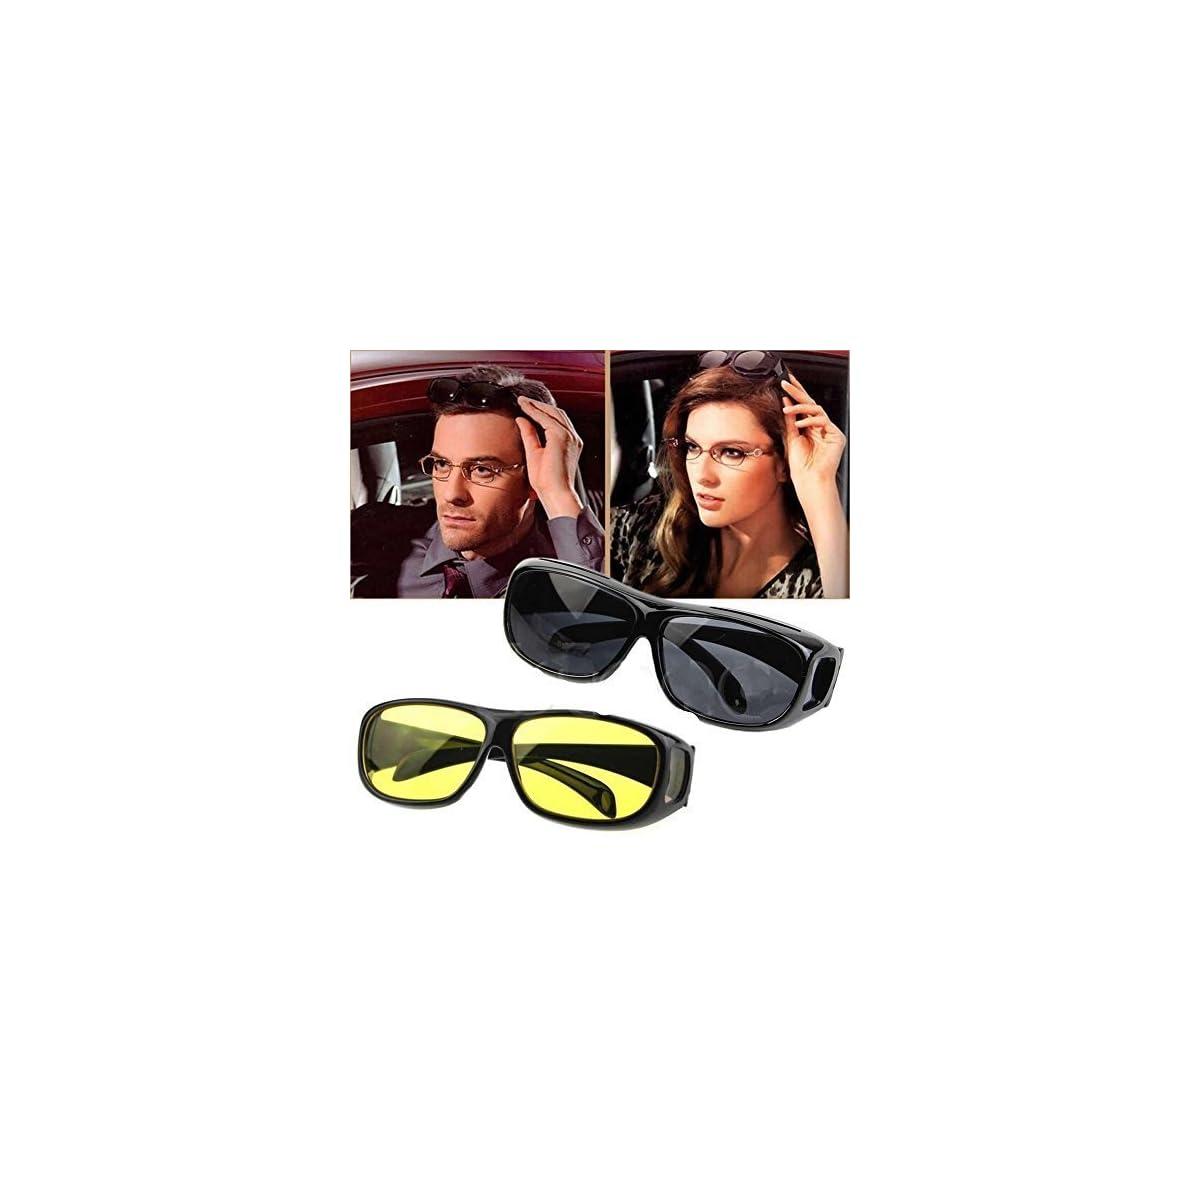 59e4f18a034d Bulfyss Hd Vision Anti Glare Sunglasses Wrap Around Day   Night ...